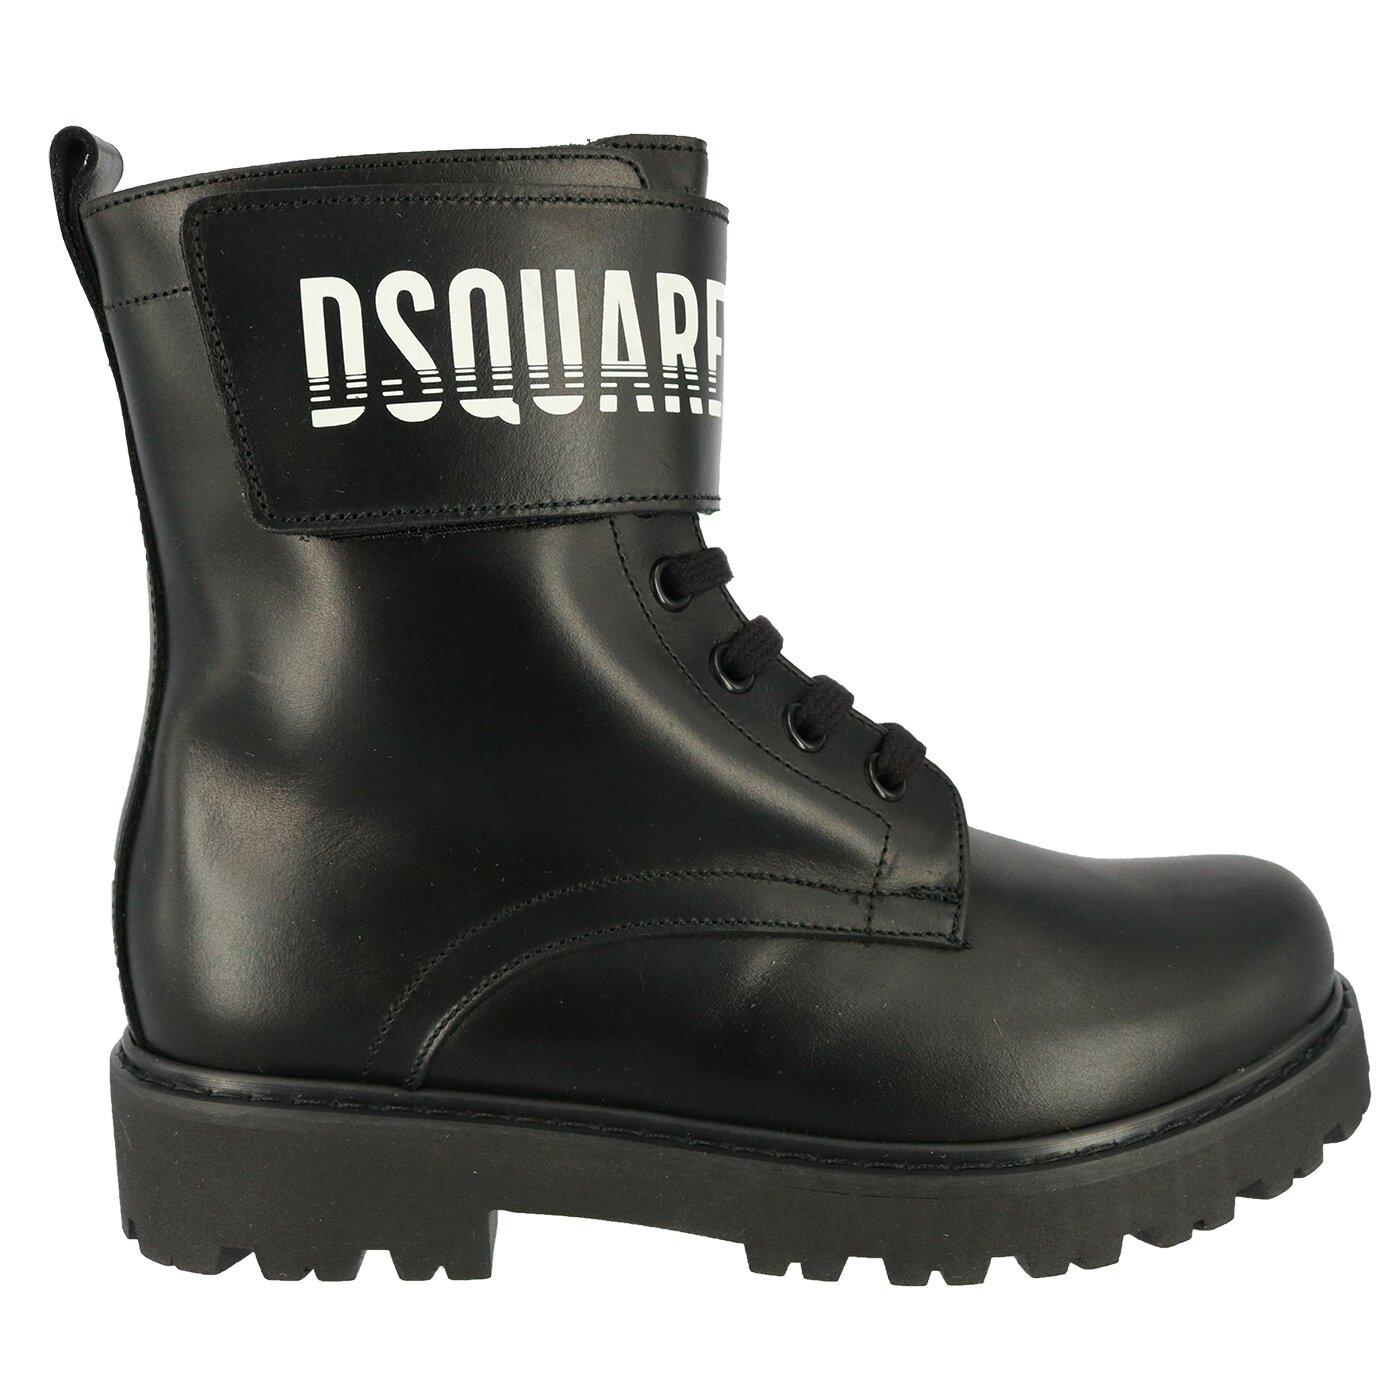 Dsquared2 Boots zwart met logoband